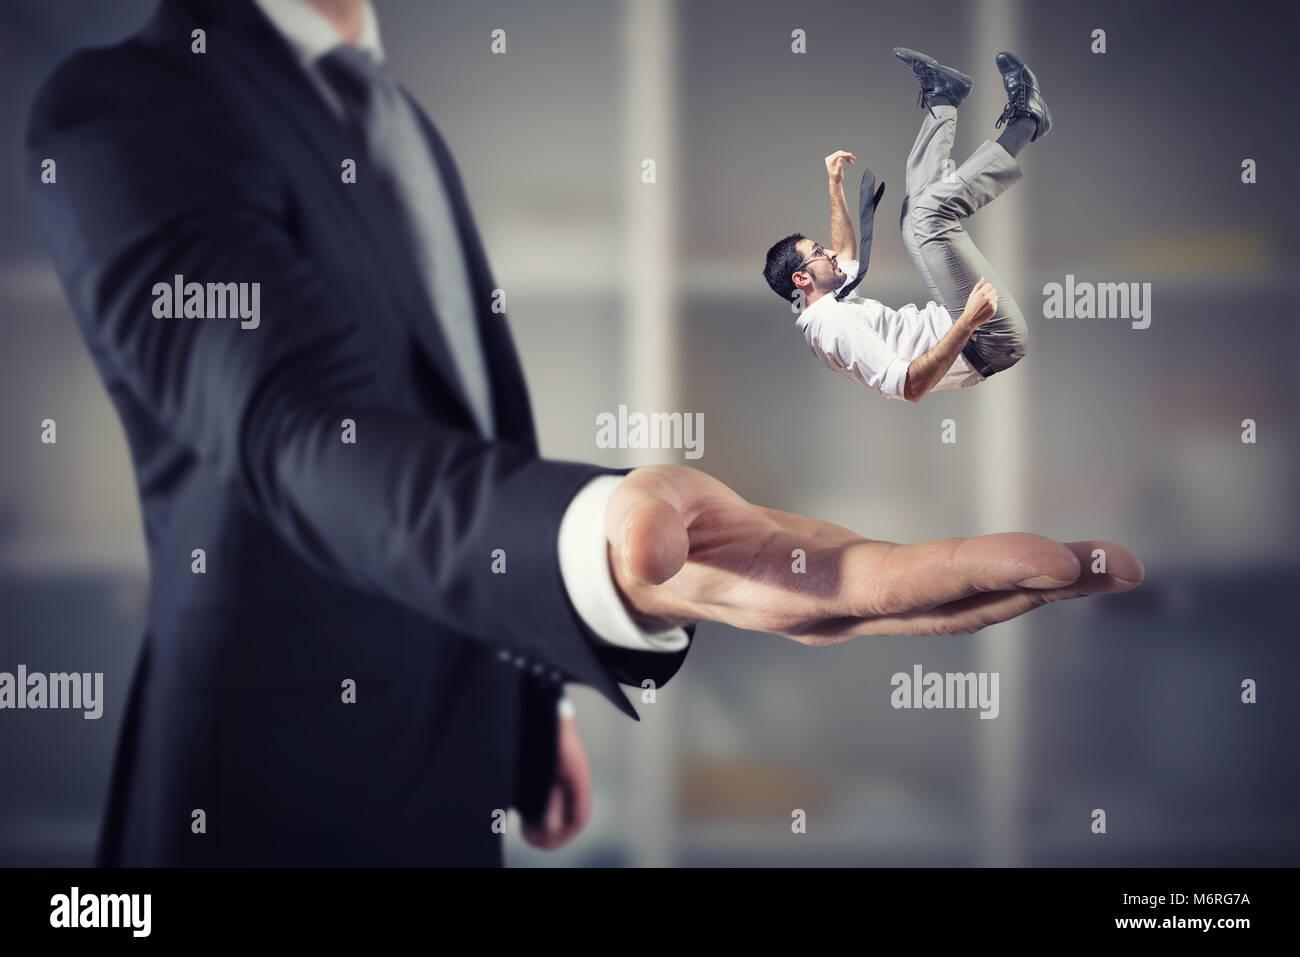 Unternehmer ist von einer großen Hand gespeichert. Konzept der Business Support und Unterstützung Stockbild